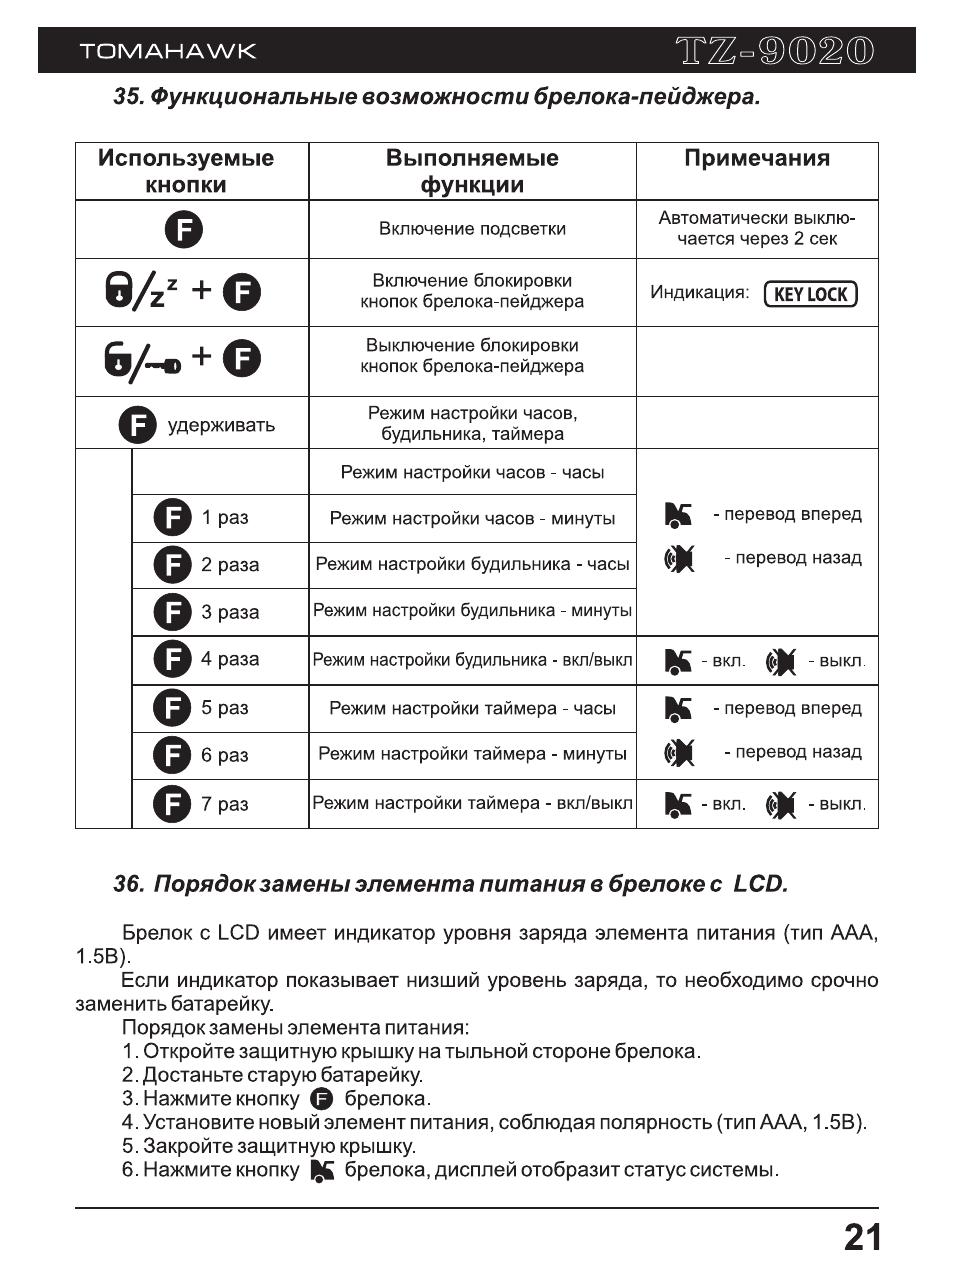 Программирование брелка томагавк 9010 своими руками